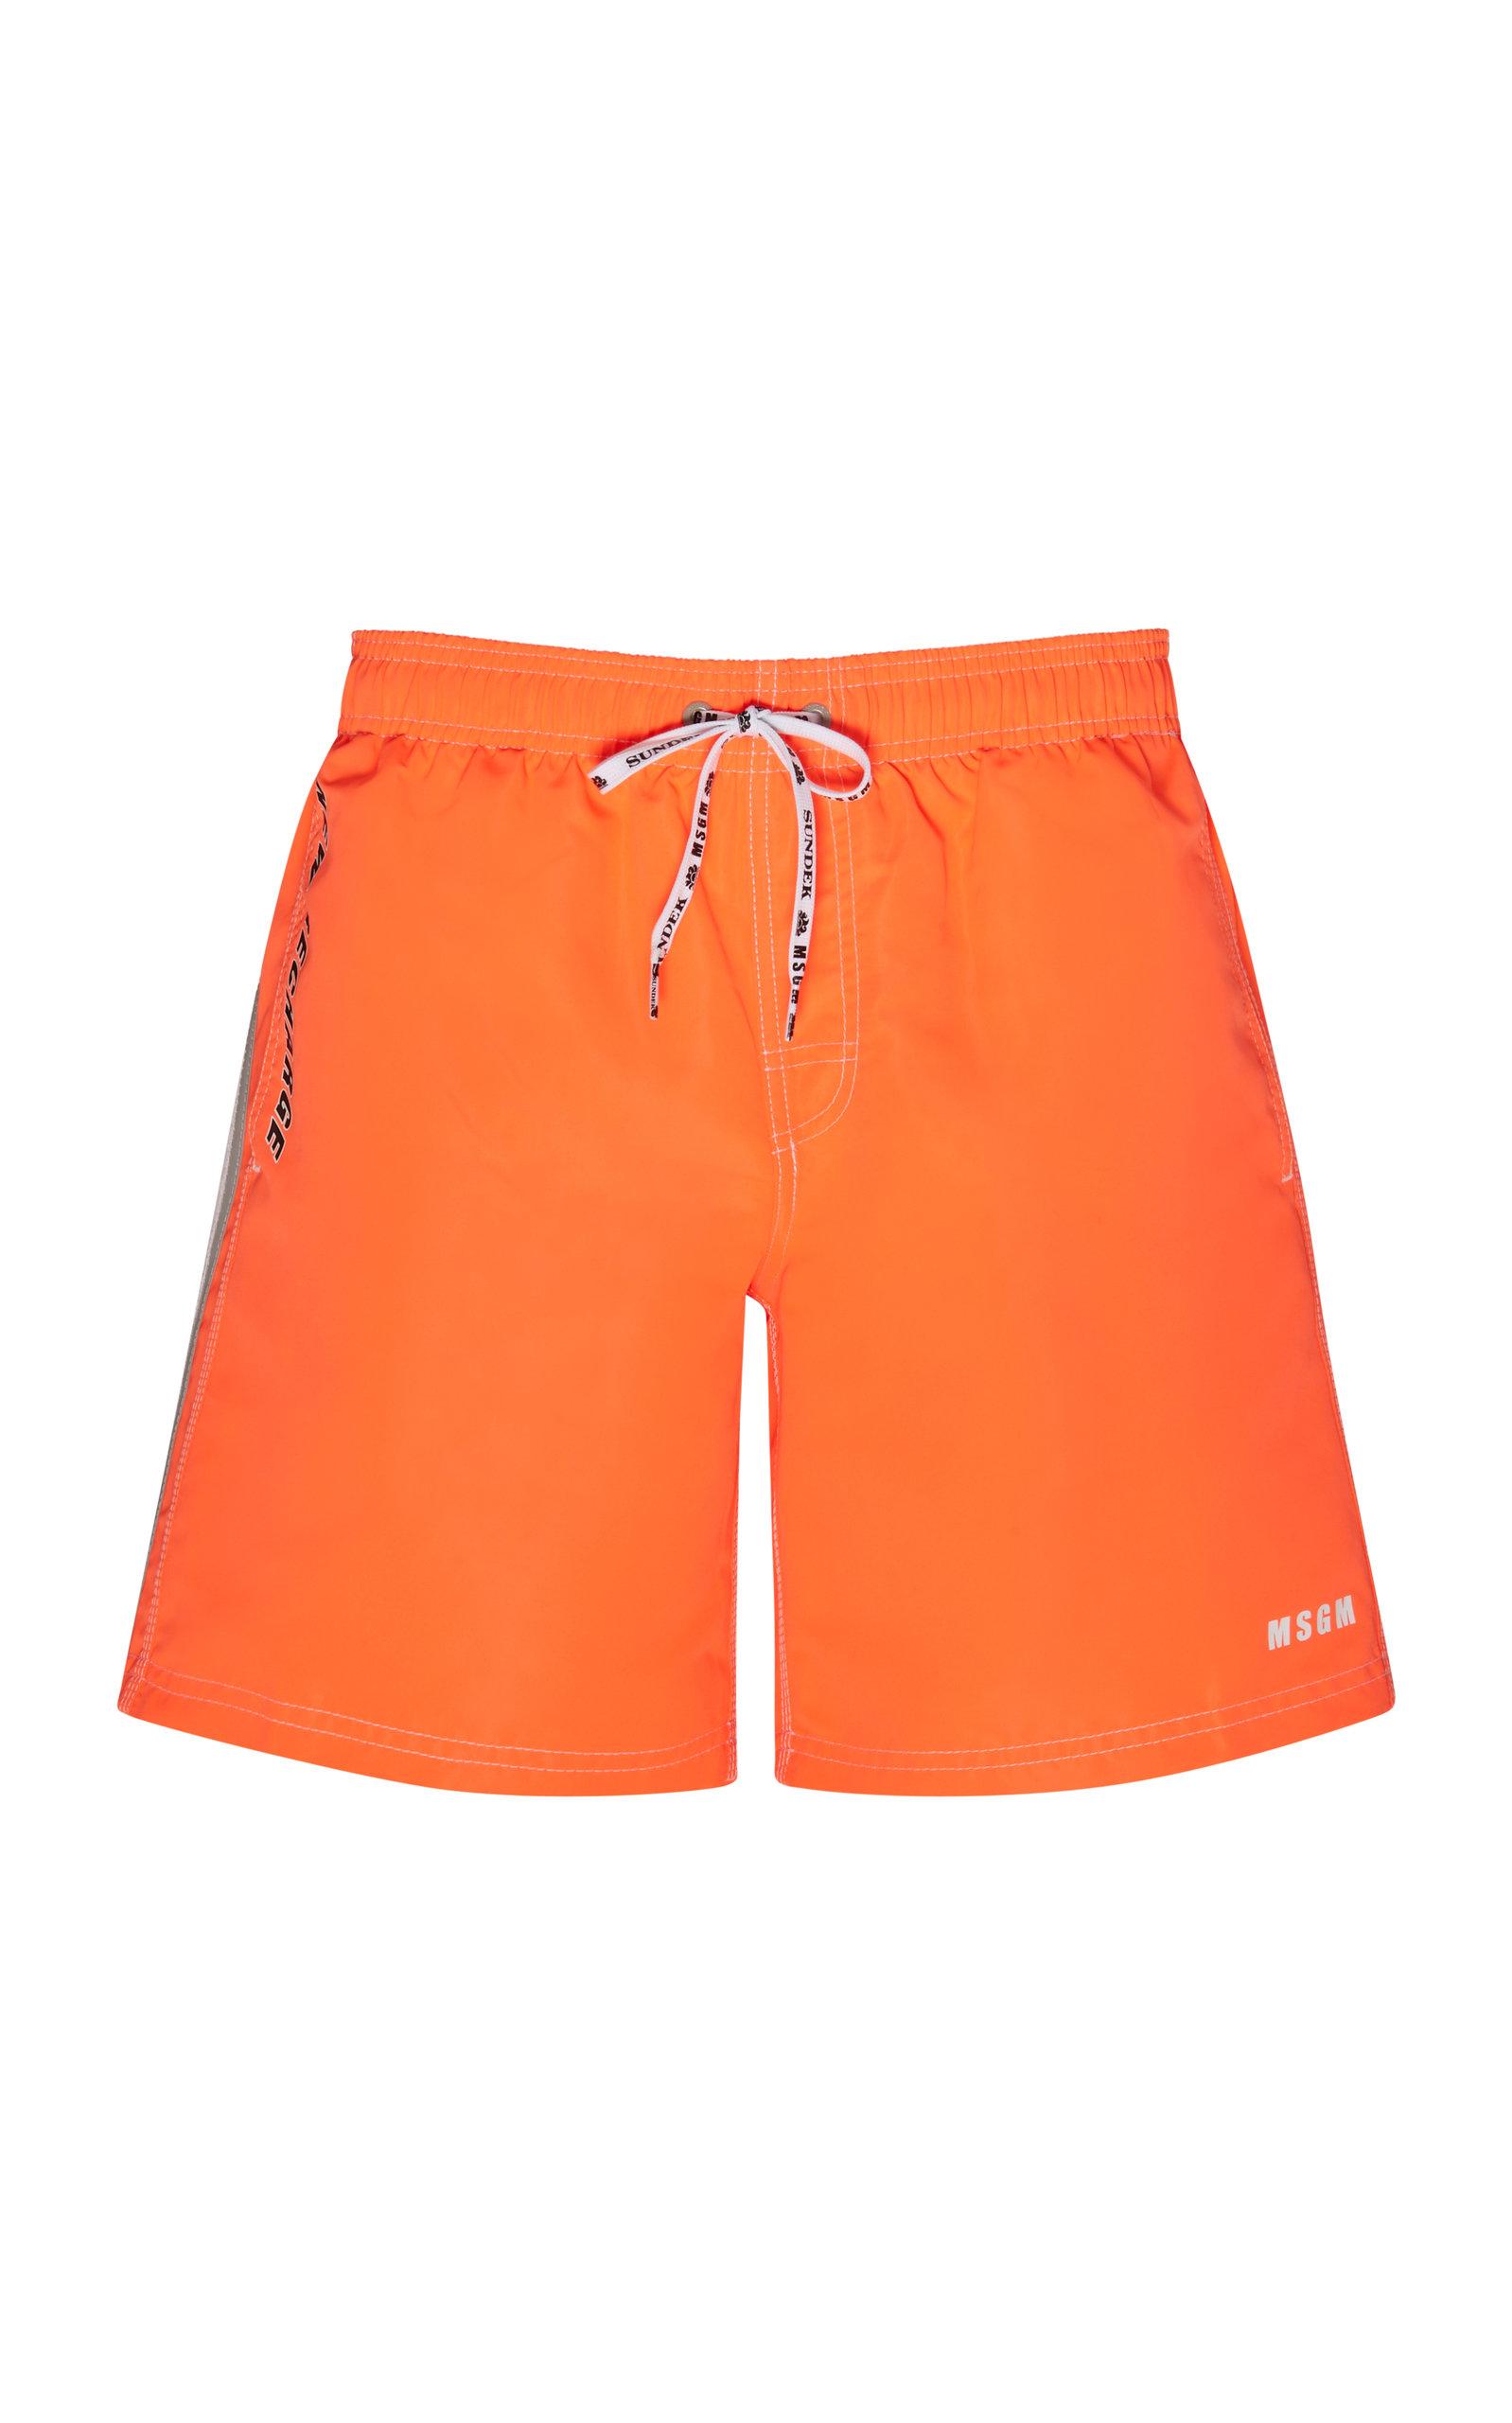 large_msgm-orange-sundek-msgm-swimsuit